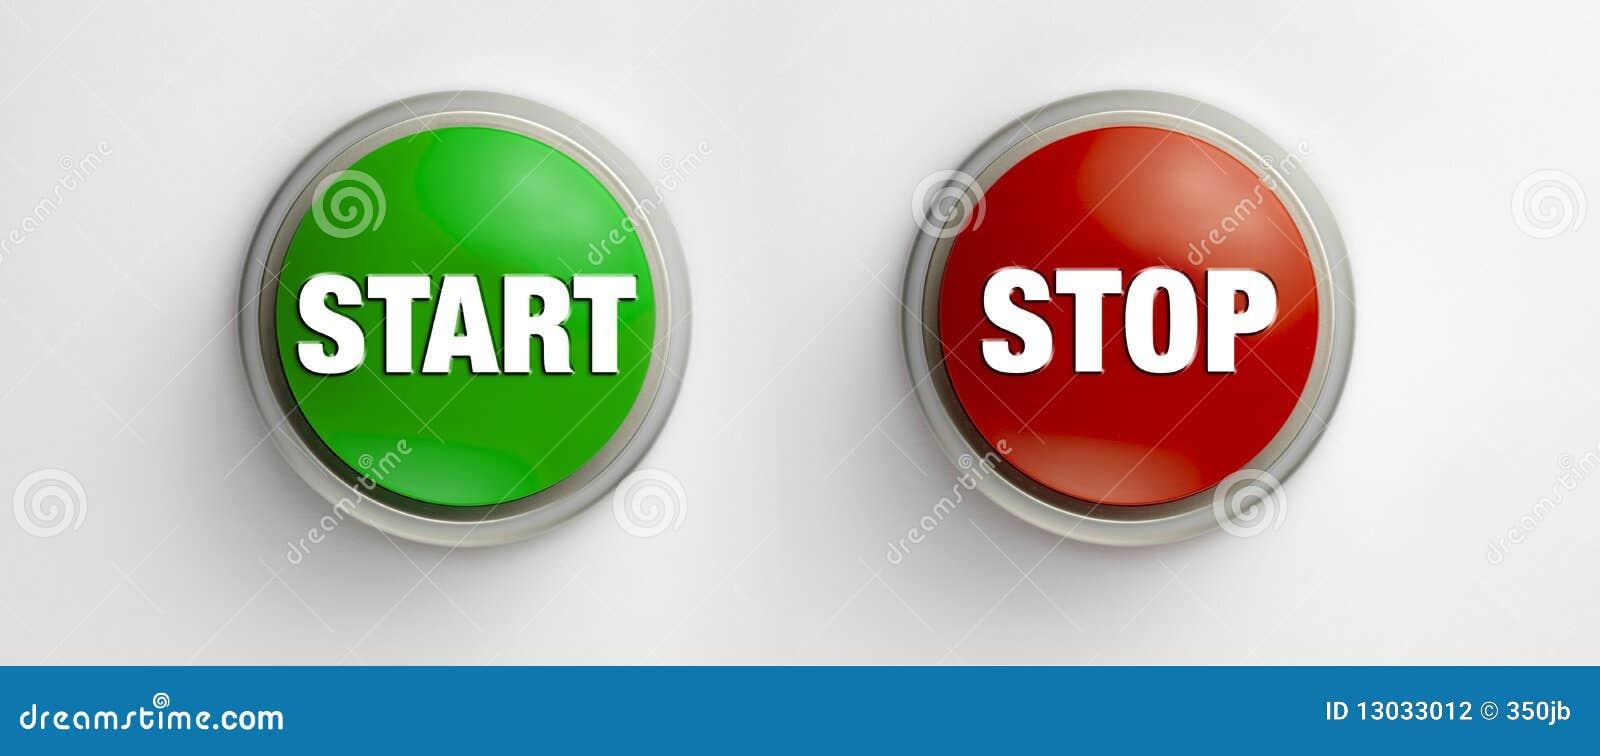 start stop buttons stock illustration illustration of press 13033012. Black Bedroom Furniture Sets. Home Design Ideas